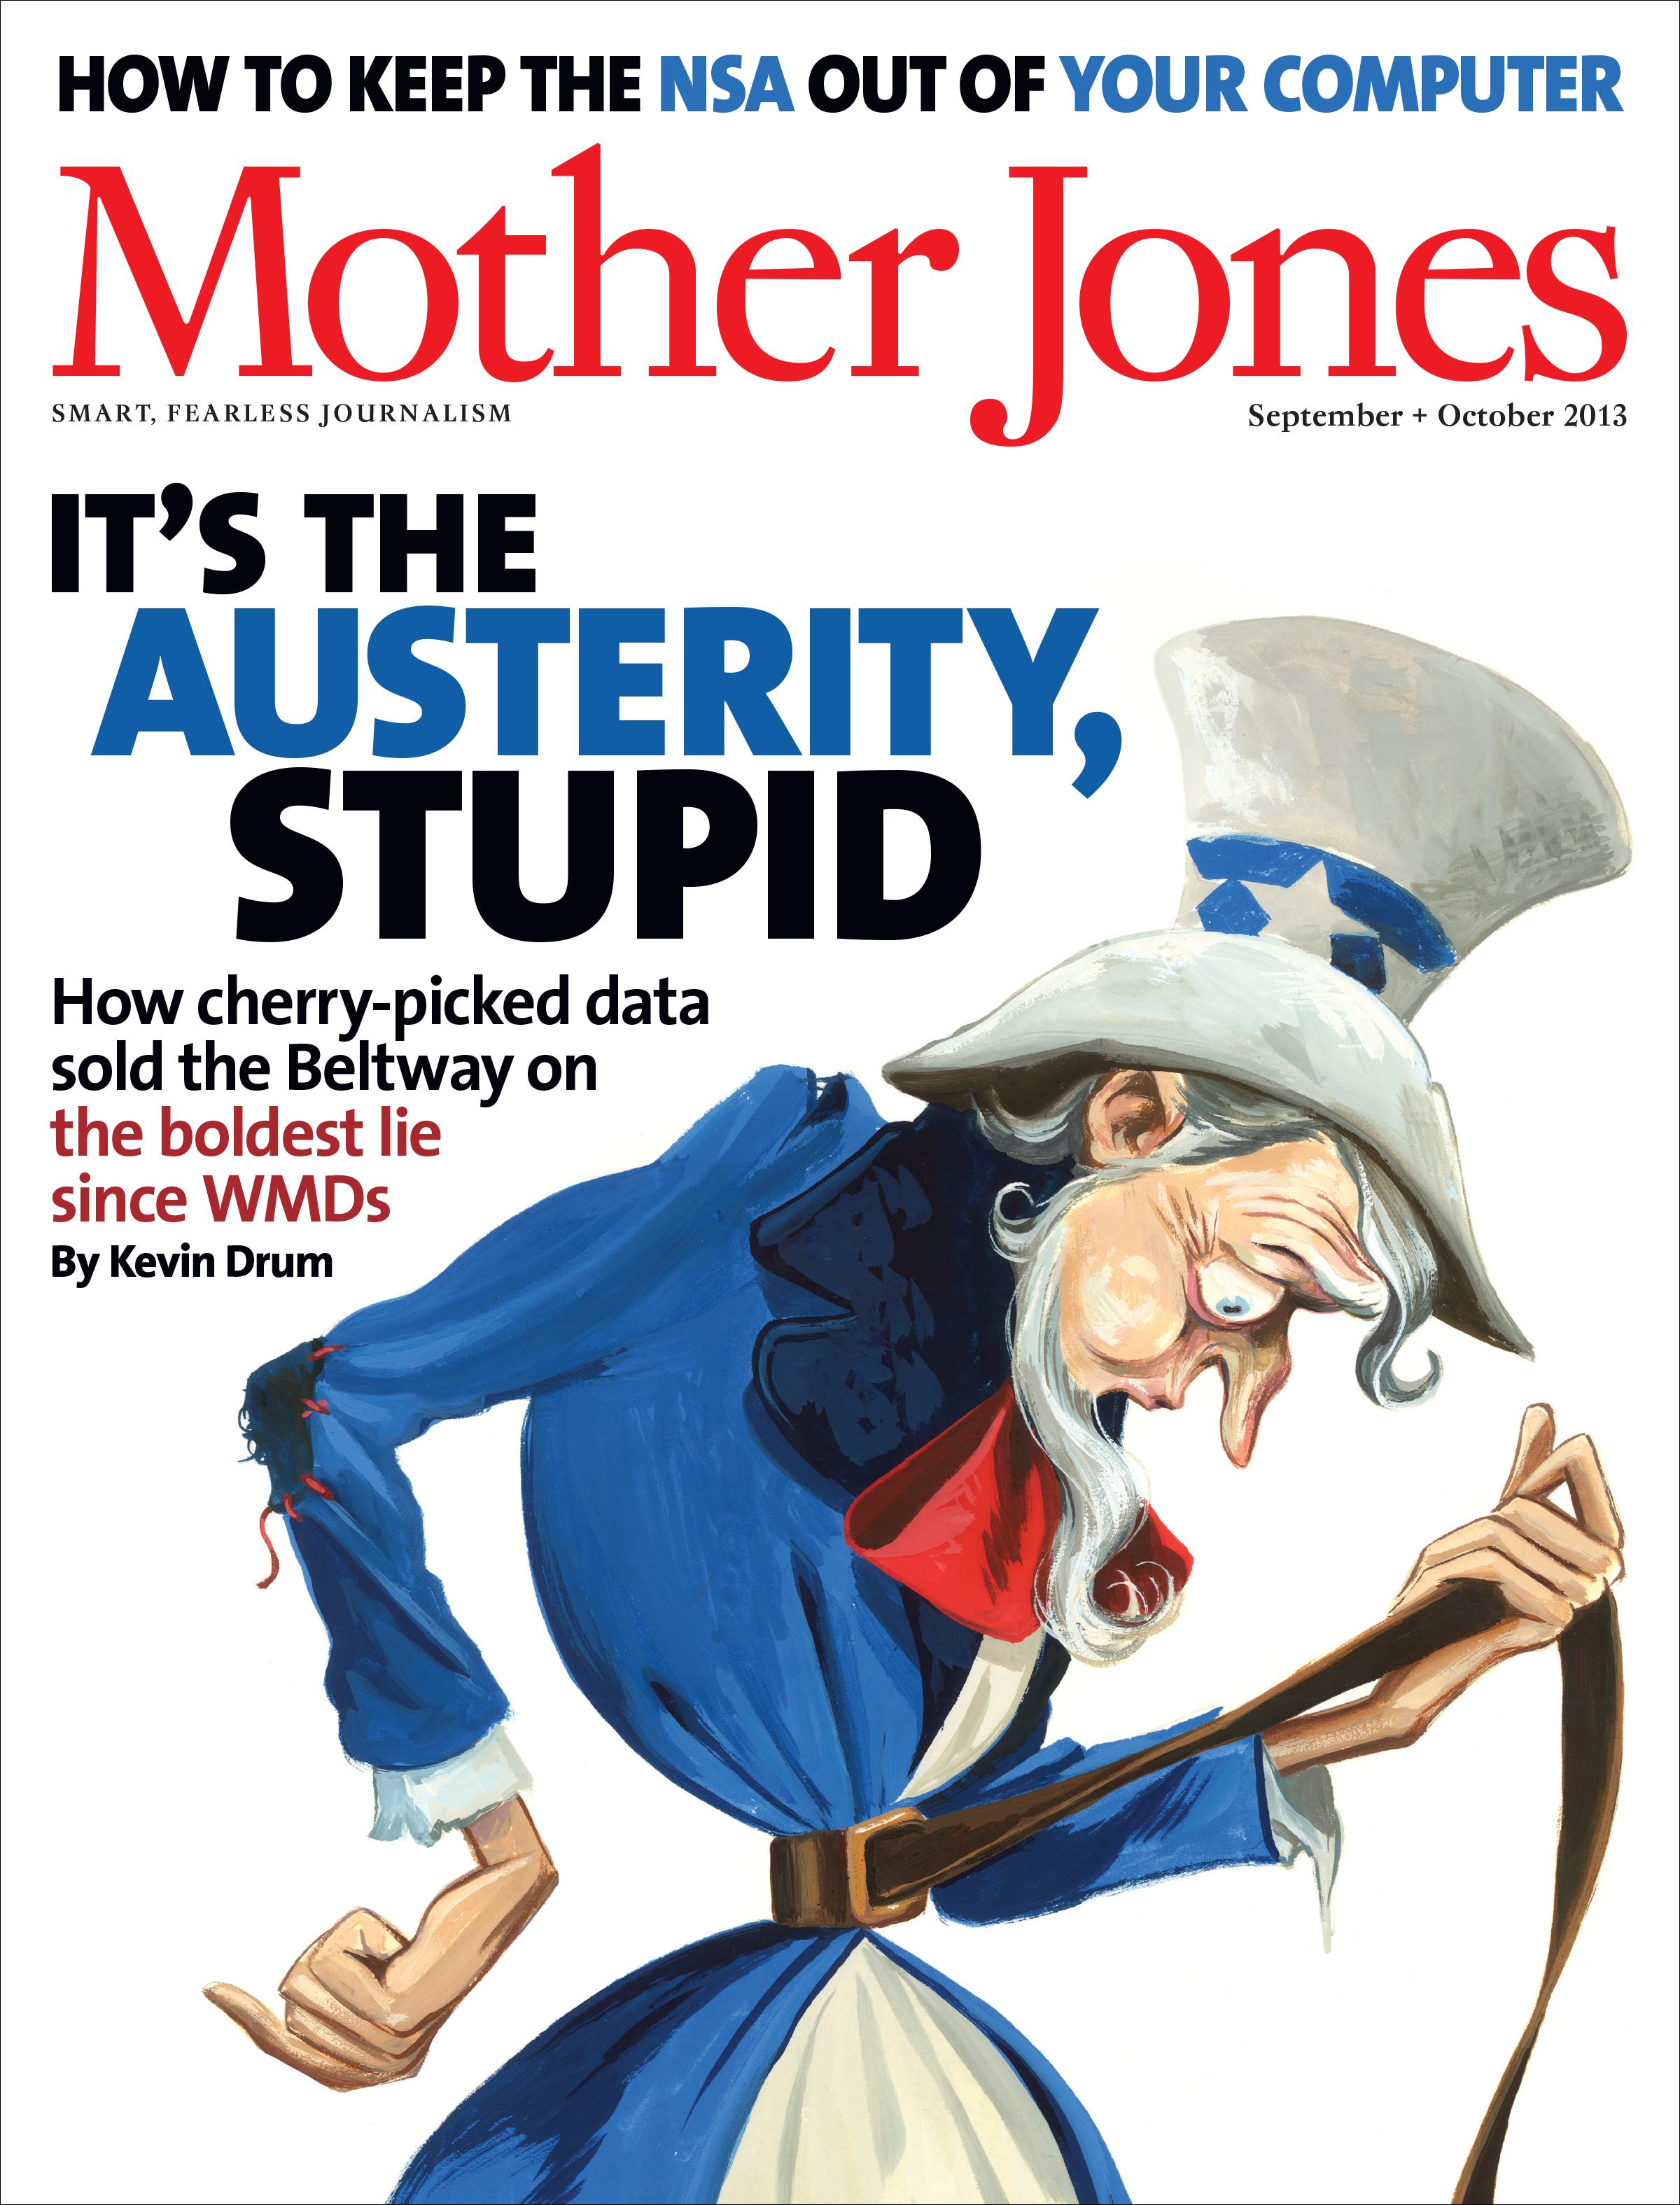 Mother Jones Magazine Cover : September + October 2013